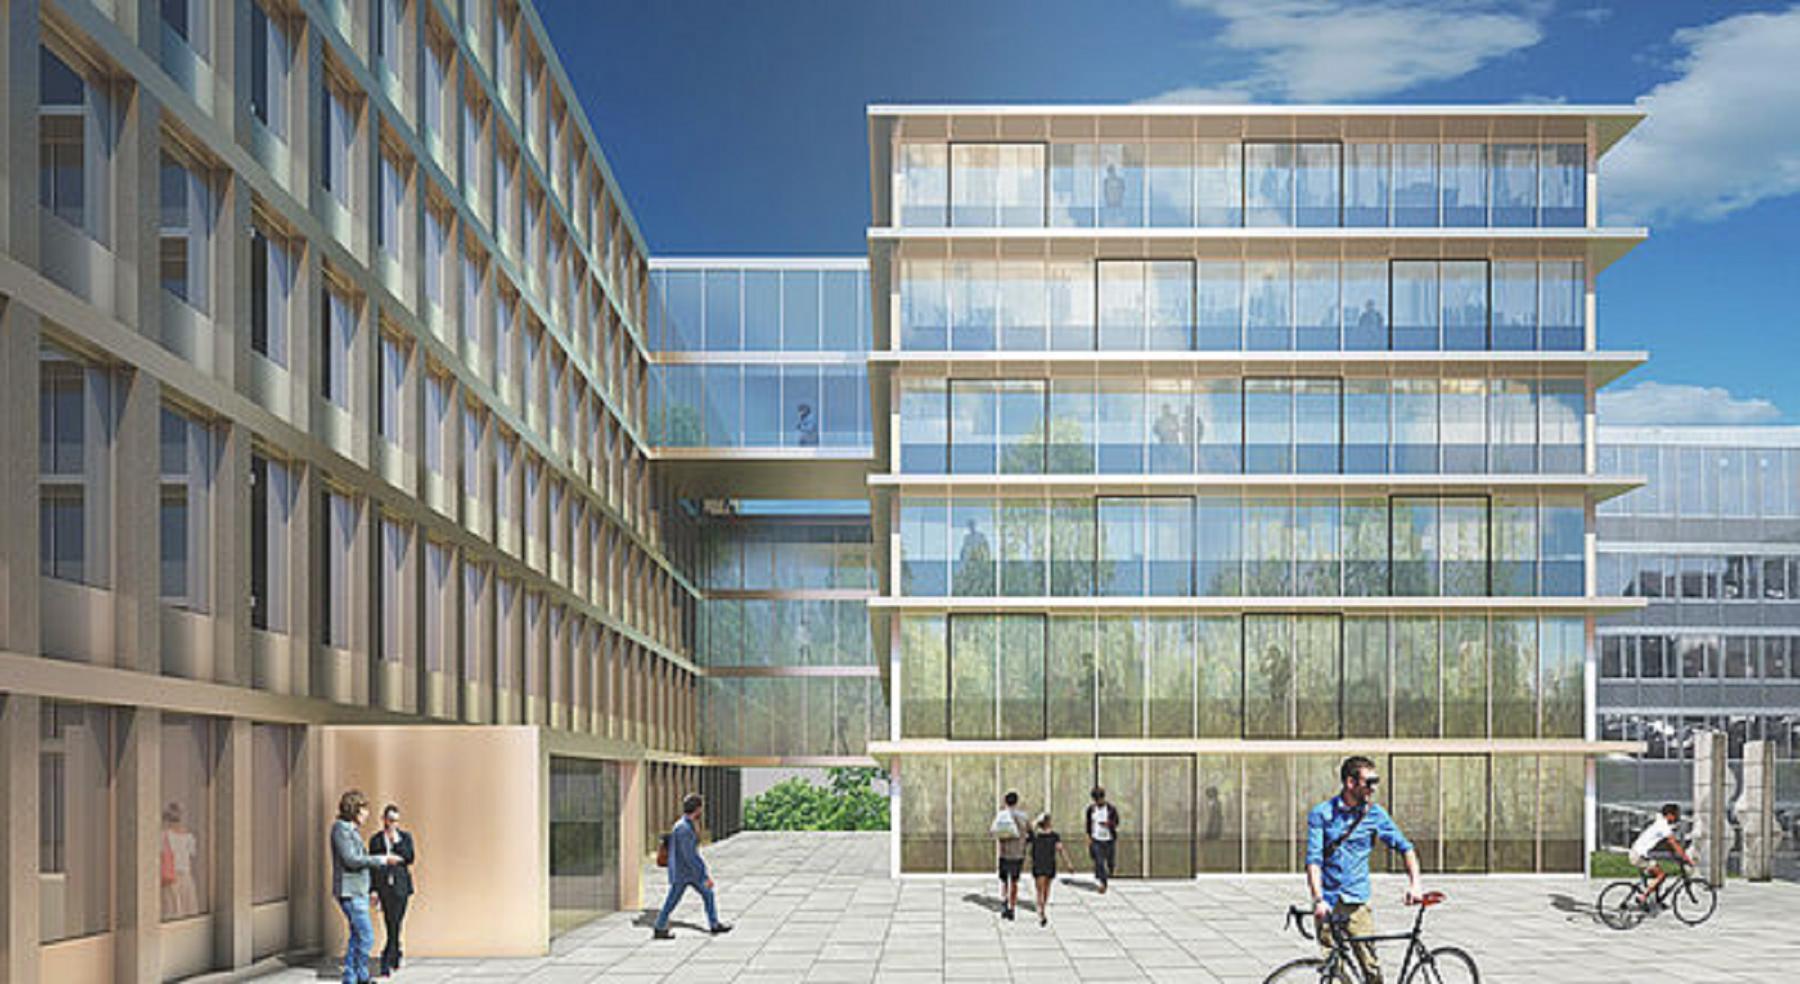 Agrandissement du bâtiment de l'ECAS, Givisiez, REY + BASSO RICCI architectes, PASSERELLE